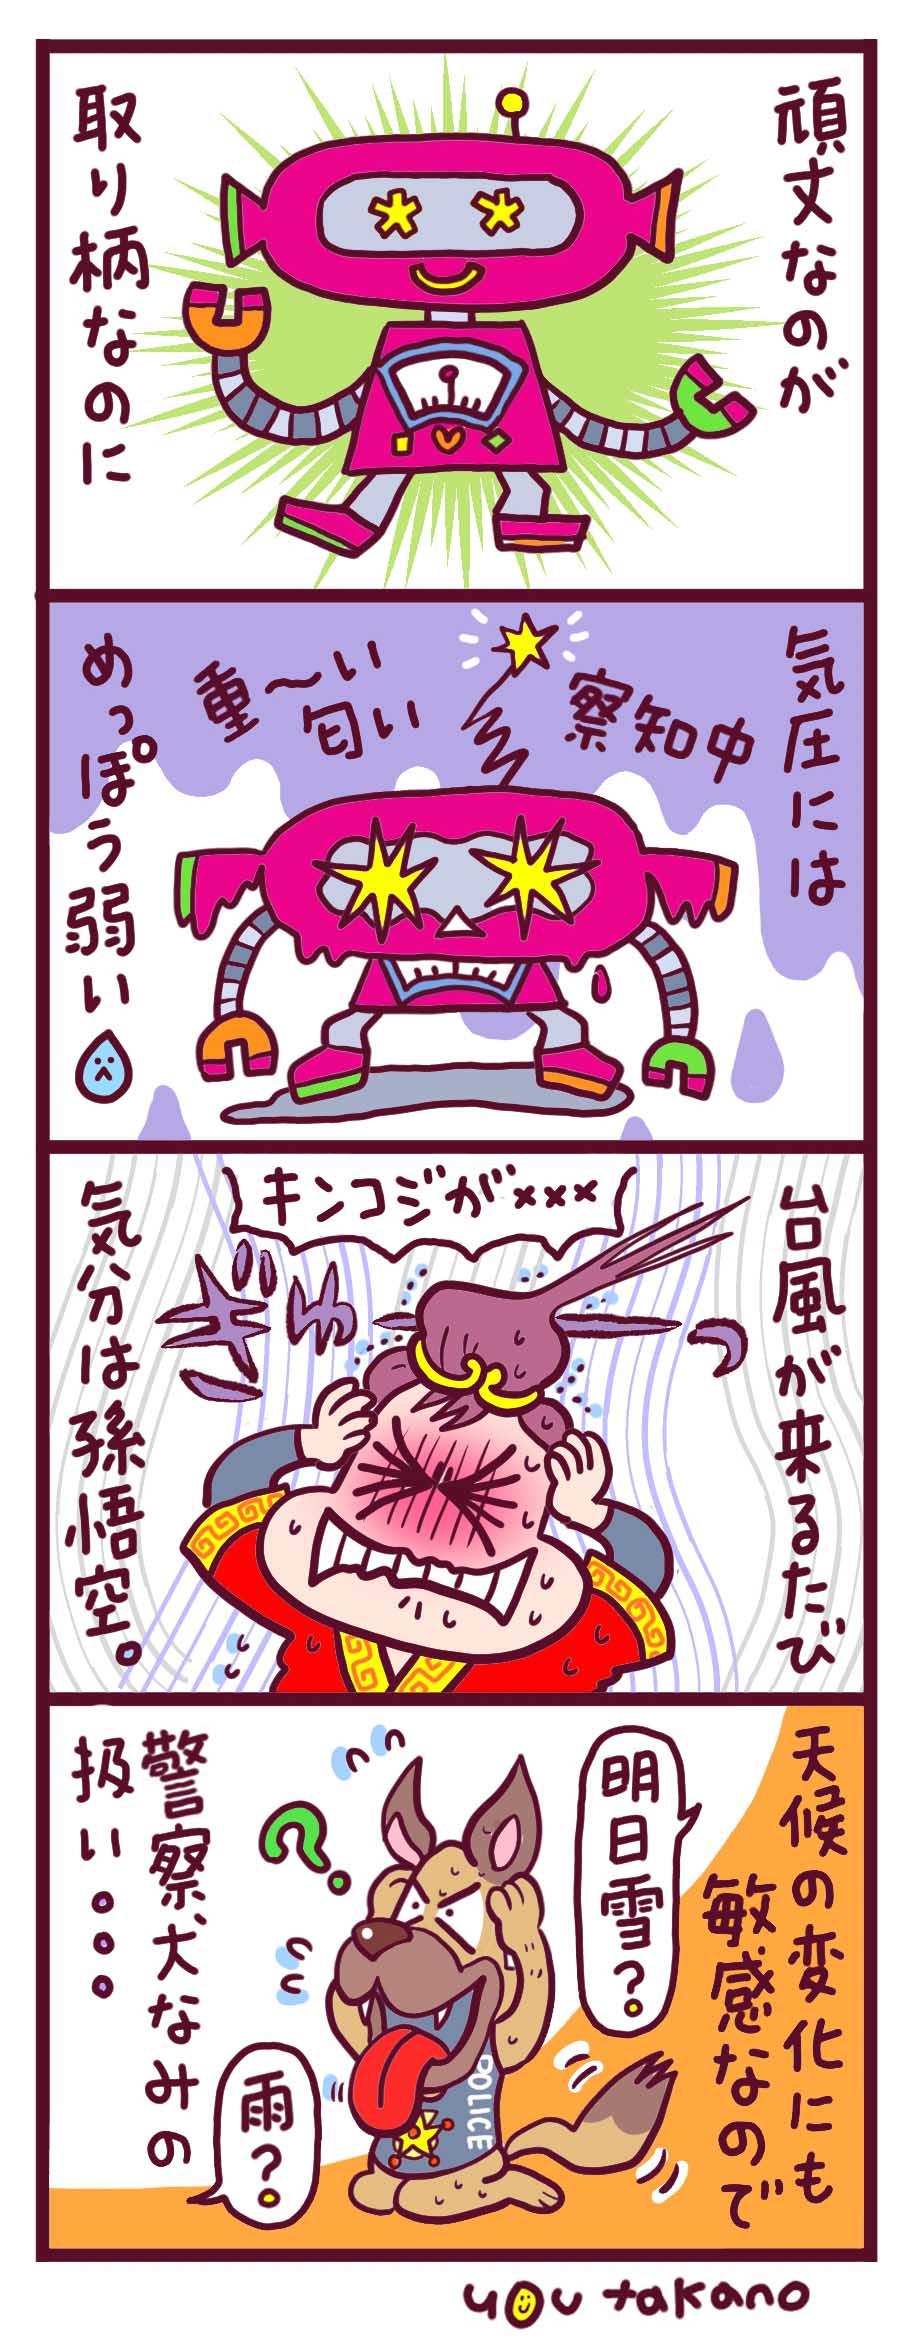 気圧の変化で頭痛がしたり、淀んだ空気が気になったりしませんか?:高野優のHSPマンガエッセイ④の画像1